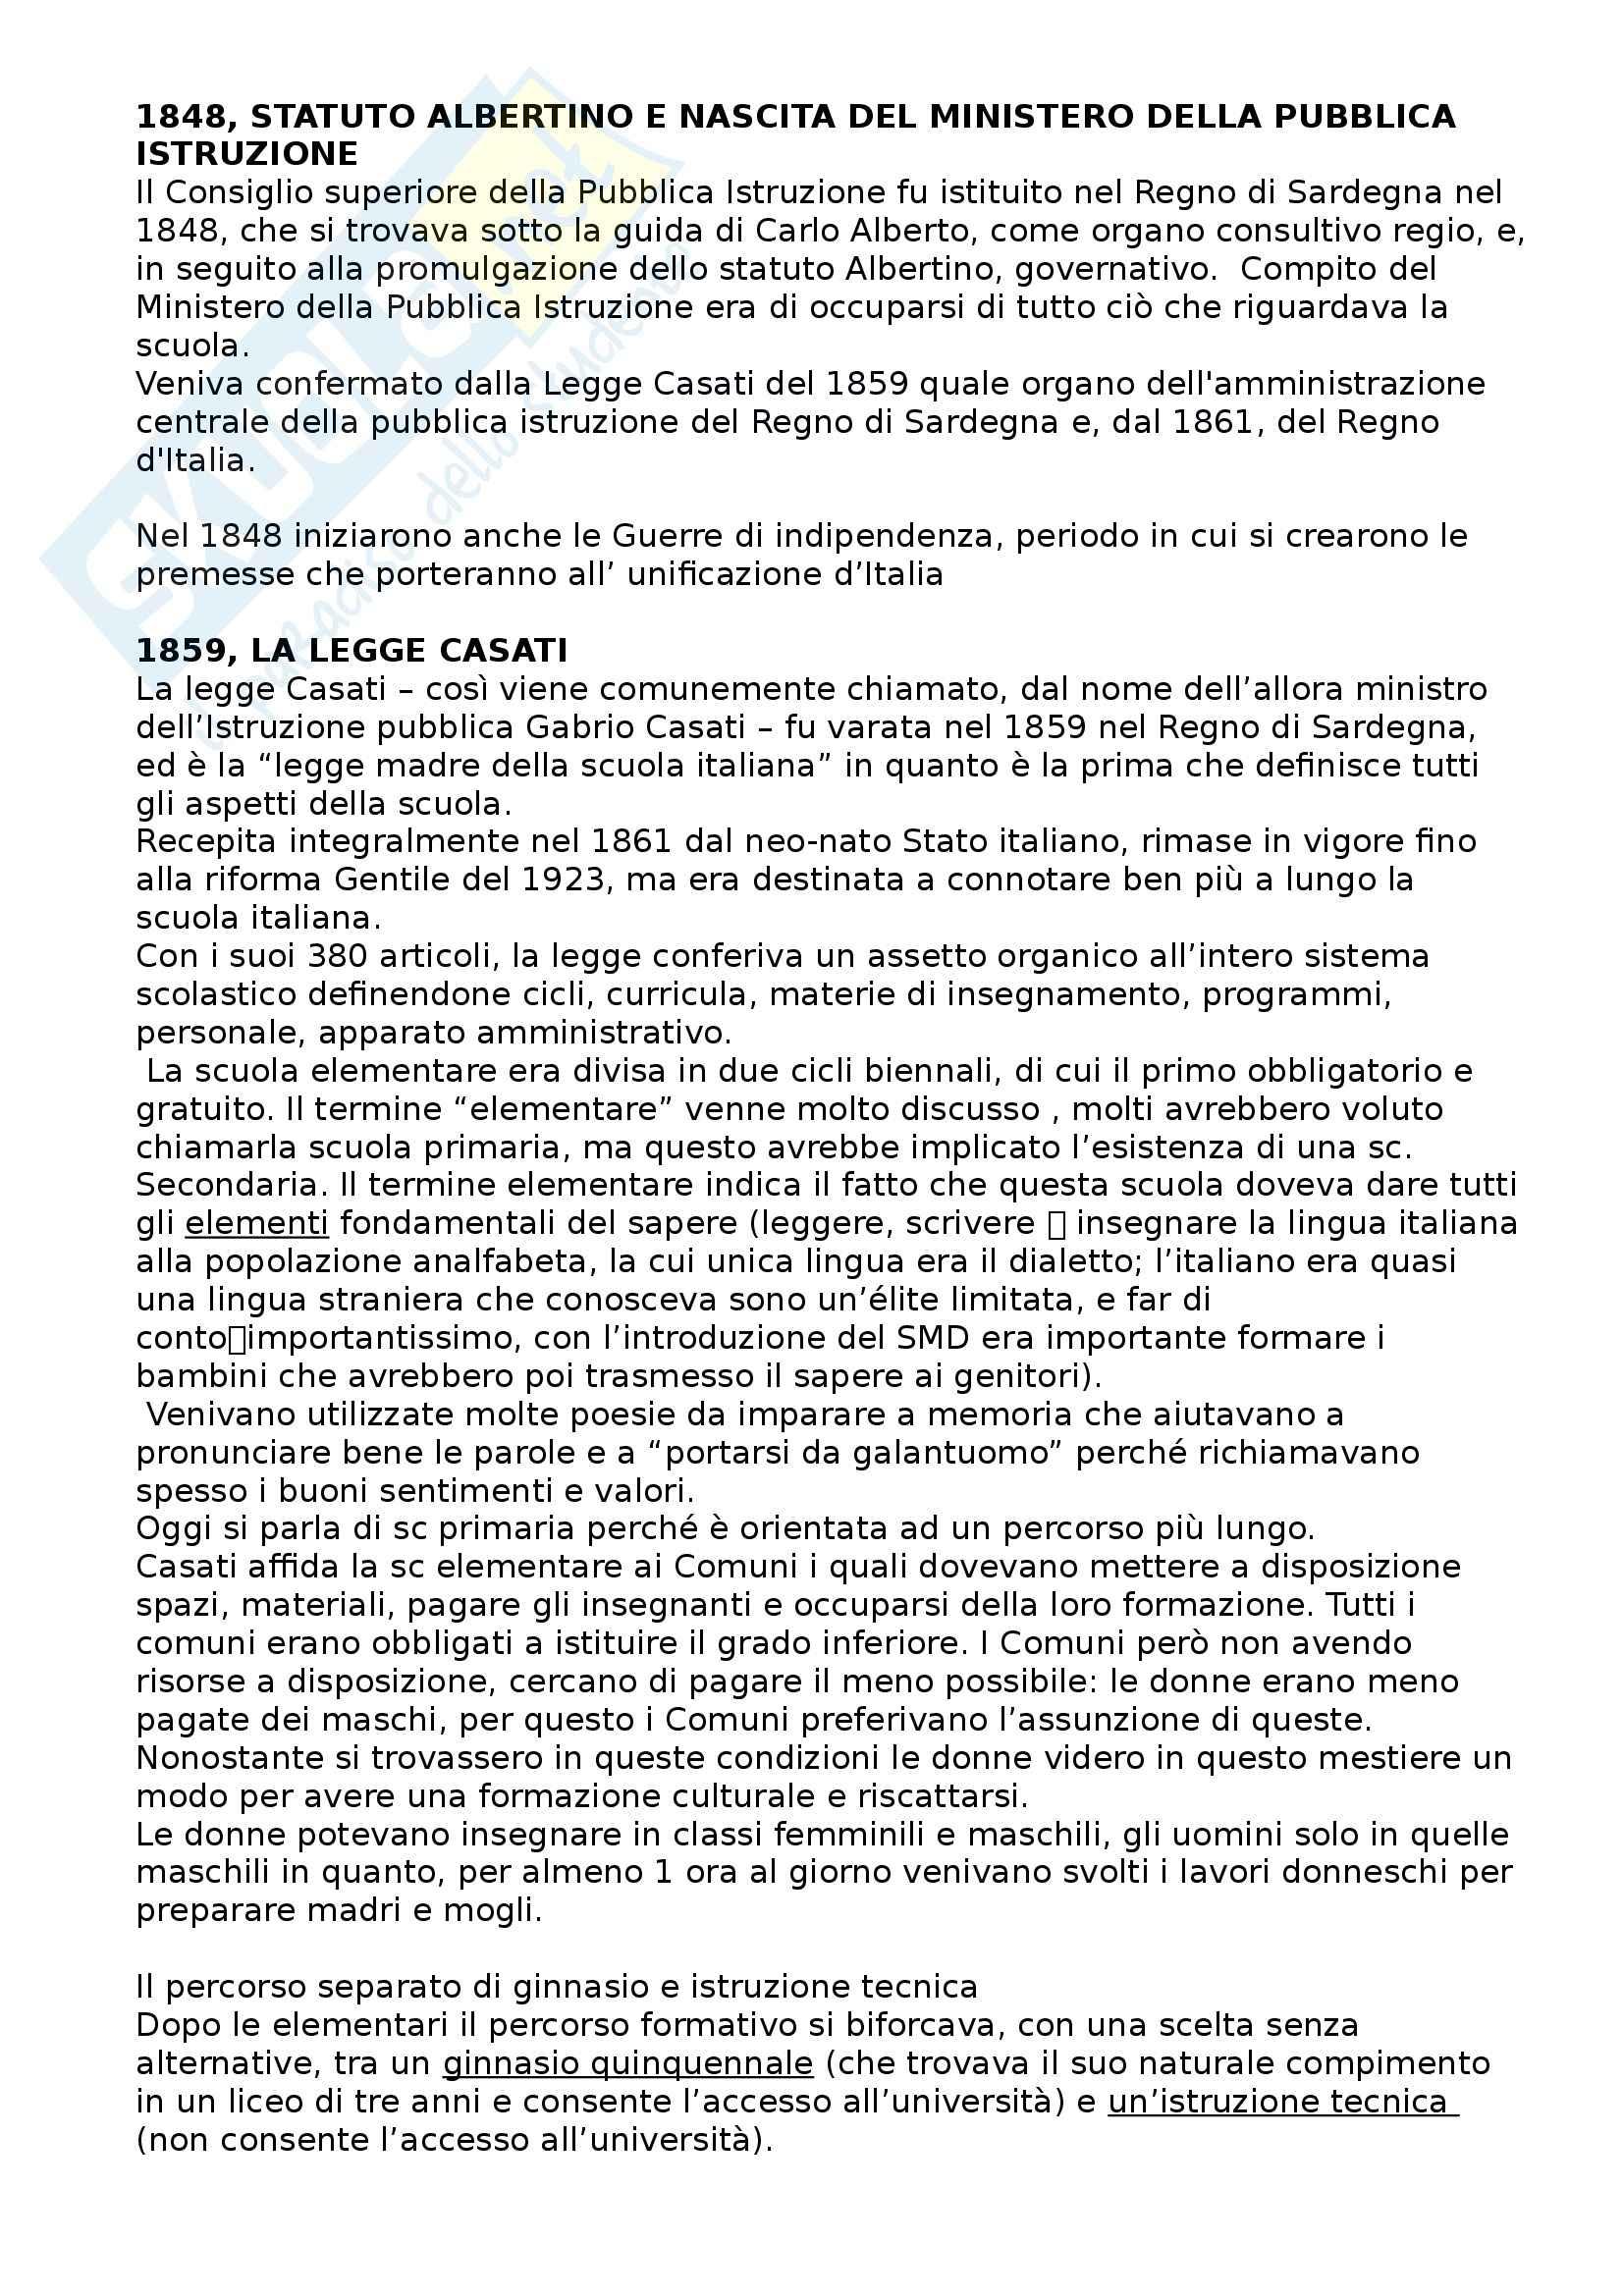 Storia della scuola e delle istituzioni educative - storia della scuola italiana